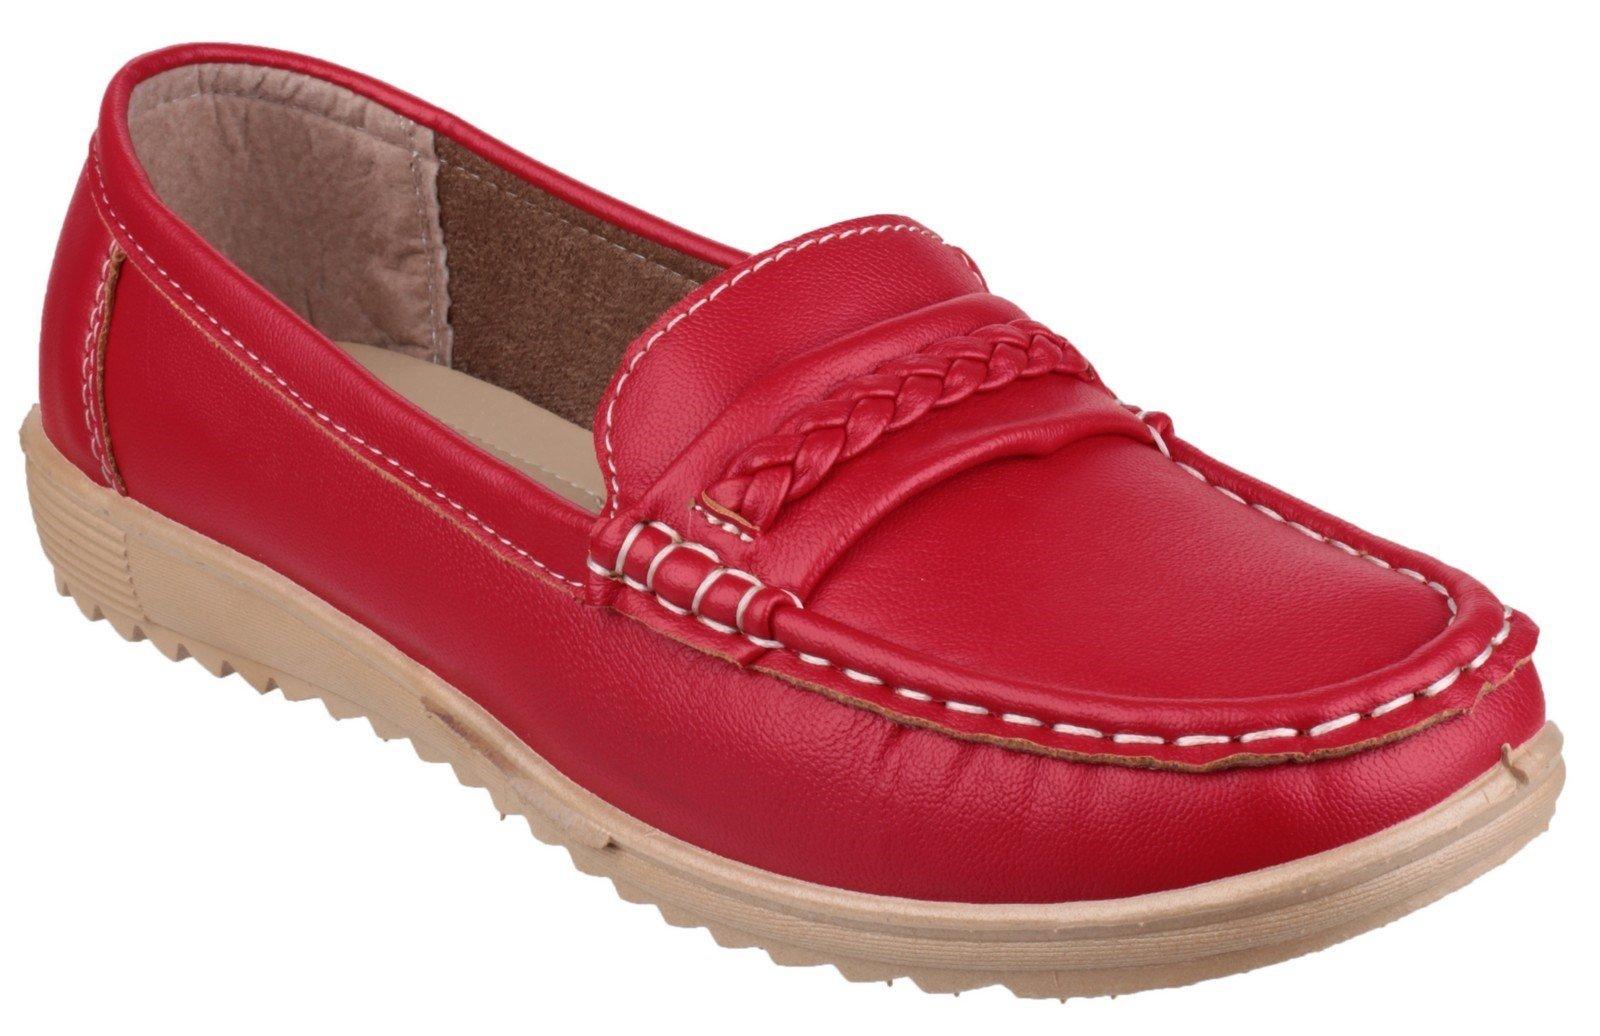 Fleet & Foster Women's Thames Slip On Loafer Various Colours 22128-35812 - Red 3